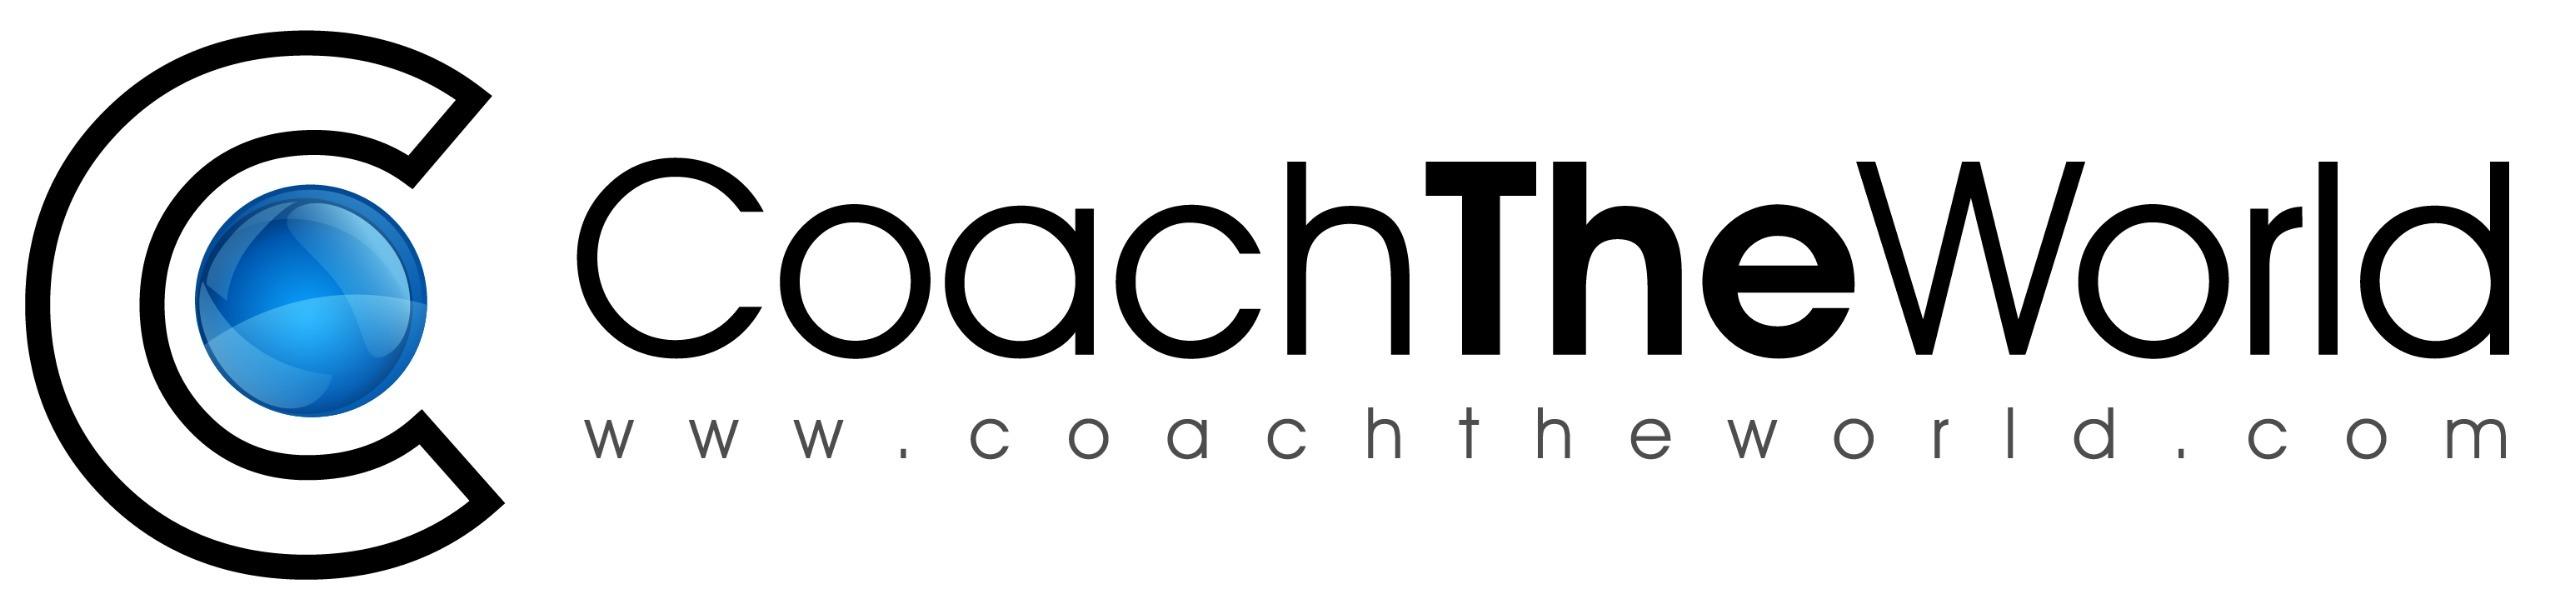 CoachTheWorld (@coachtheworlds) Cover Image